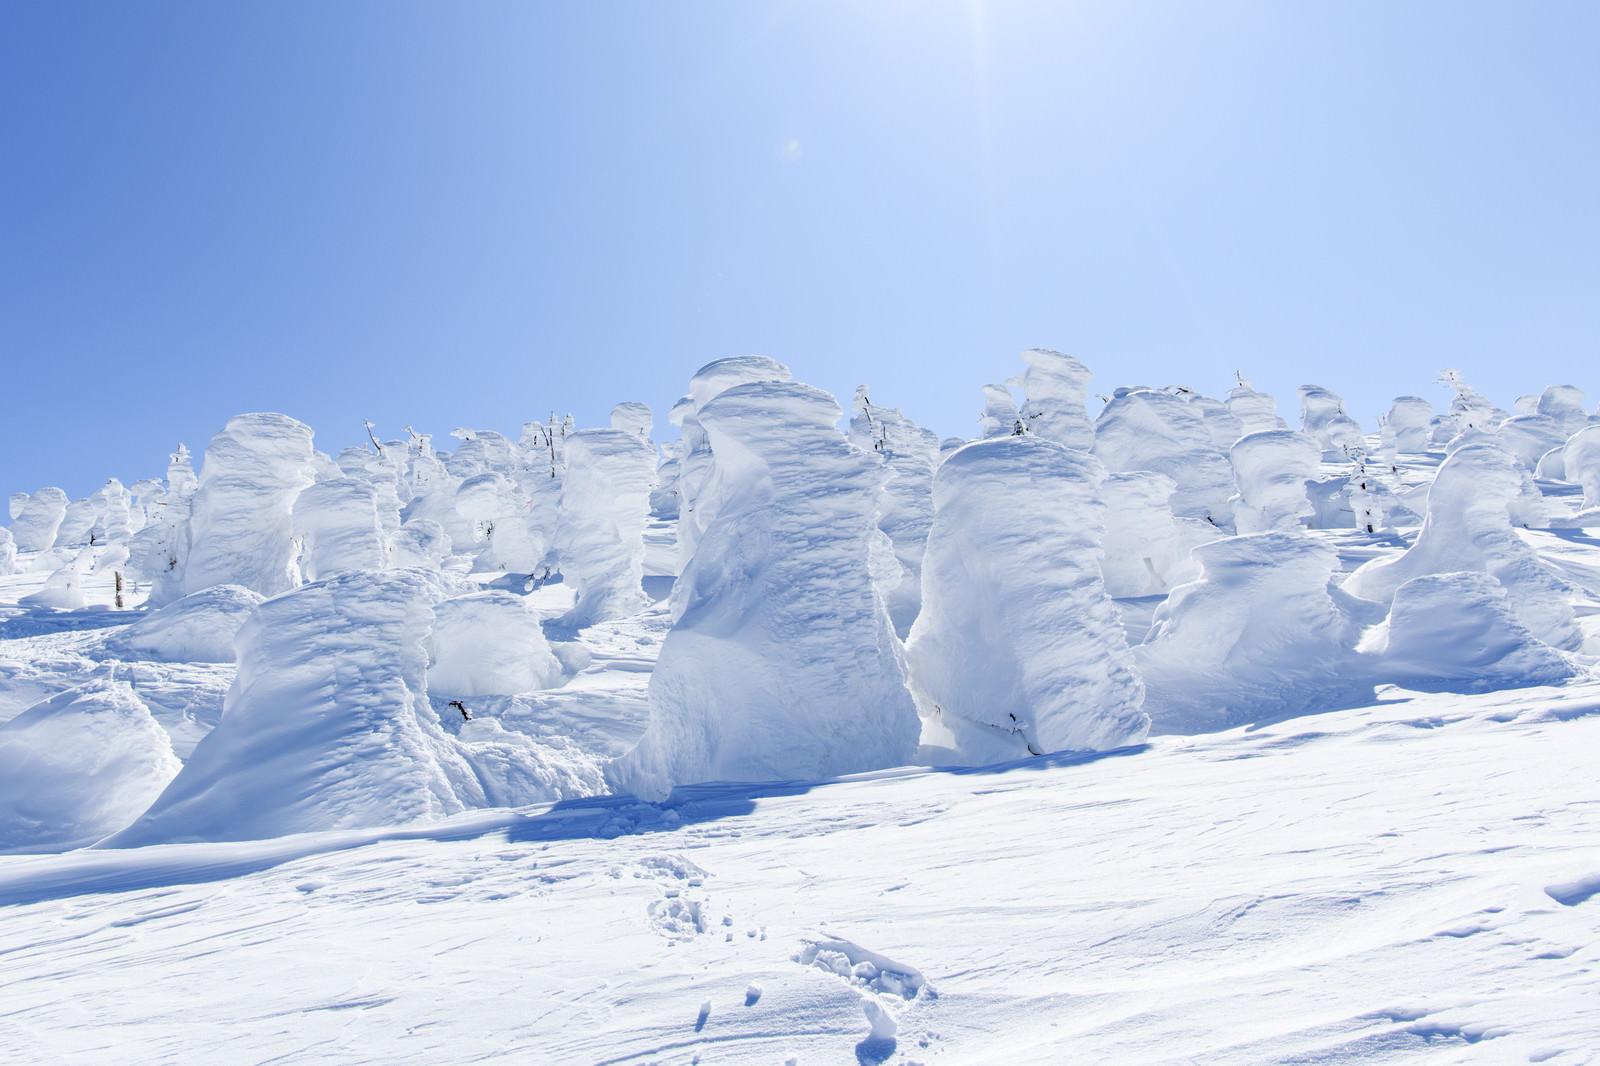 「行く手を阻むリトルスノーモンスター(樹氷)」の写真